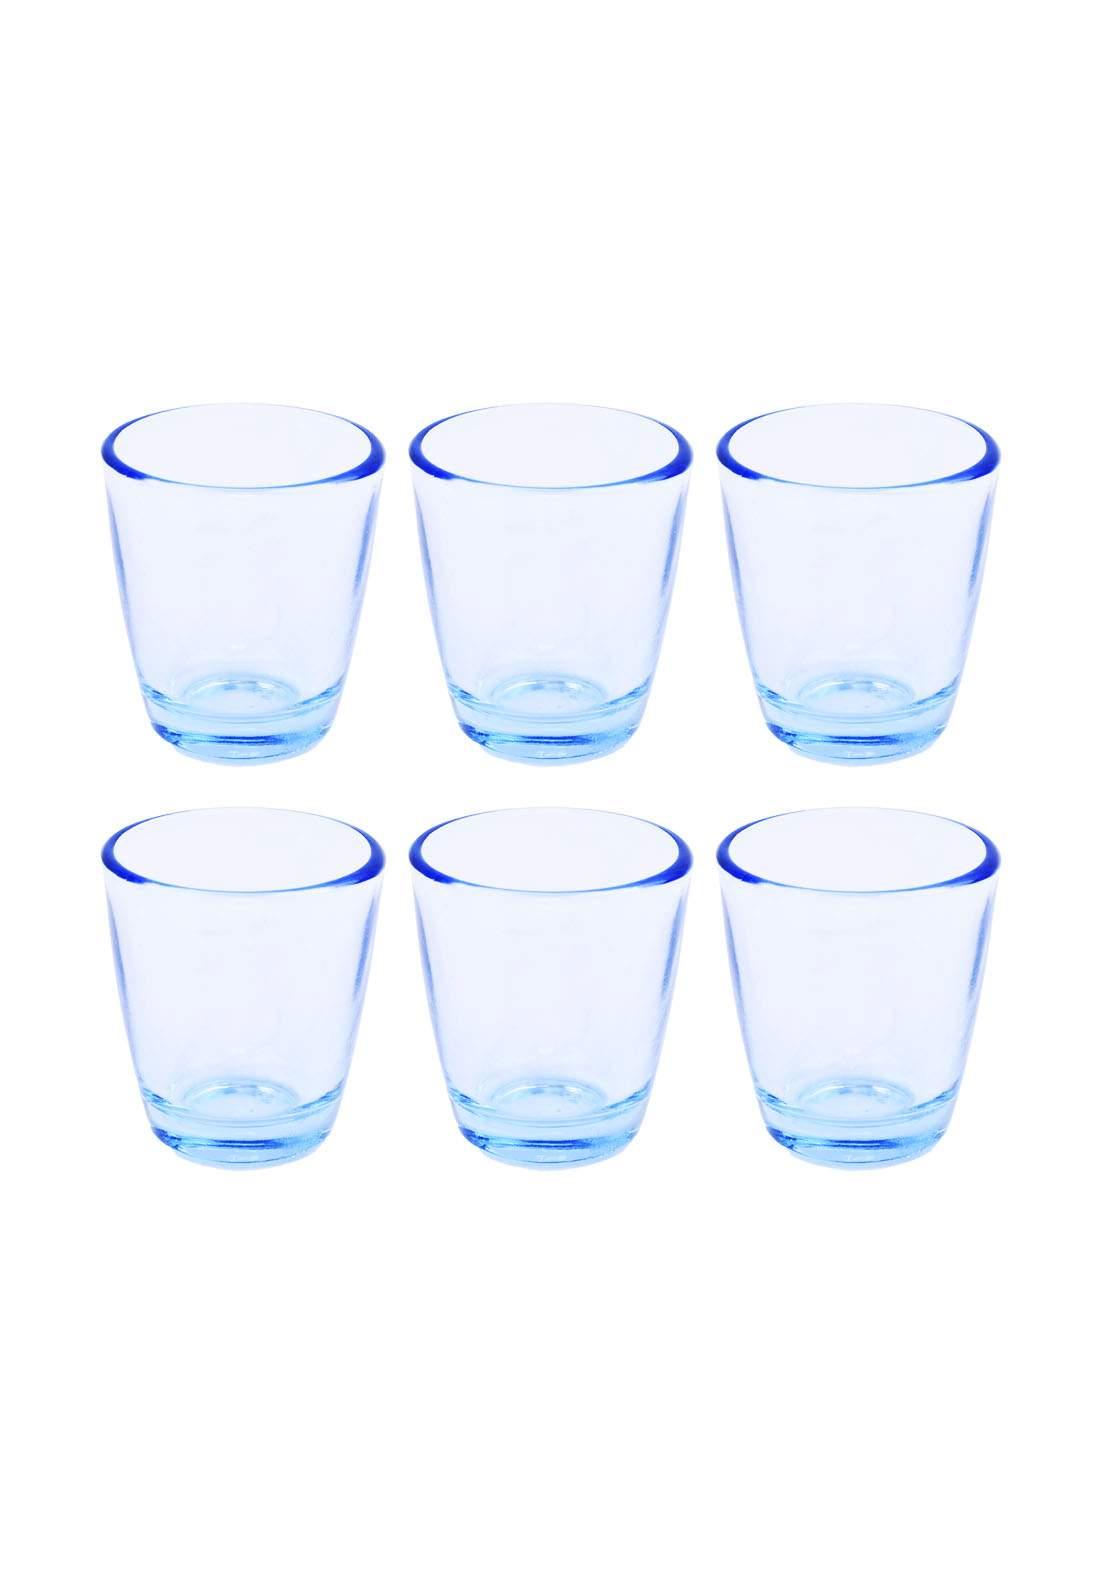 سيت اقداح ماء 6 قطع شفافة ازرق